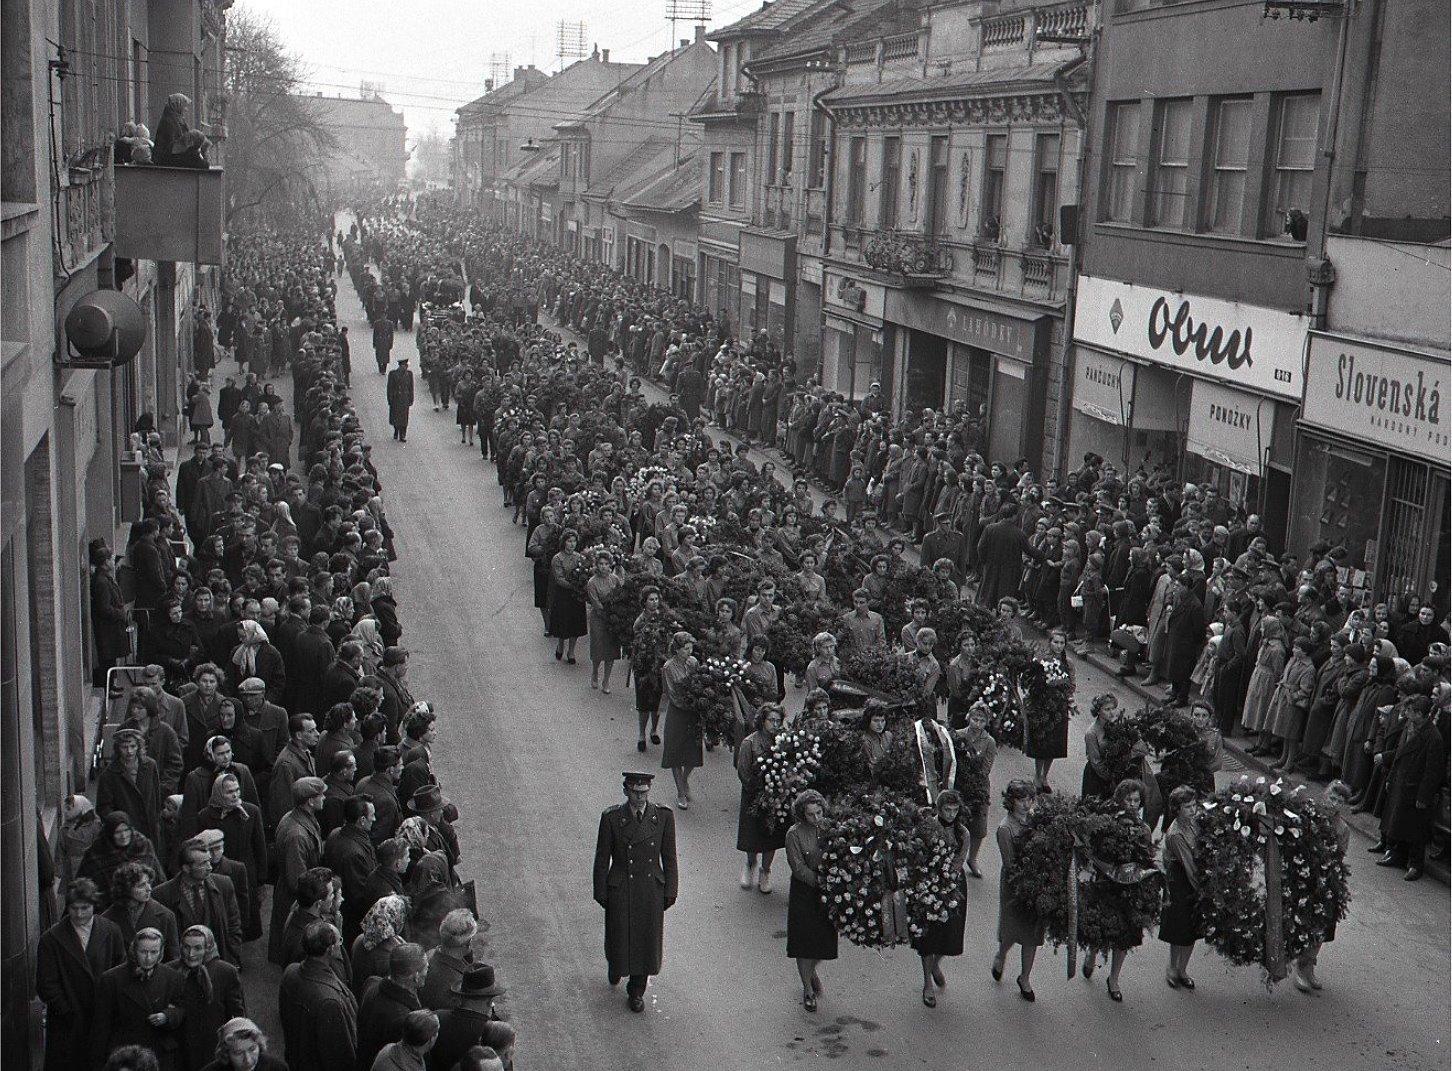 1960 - Delegácia ÚV KSS pri smútočnej rozlúčke s rodinou F. Hečka na cintoríne